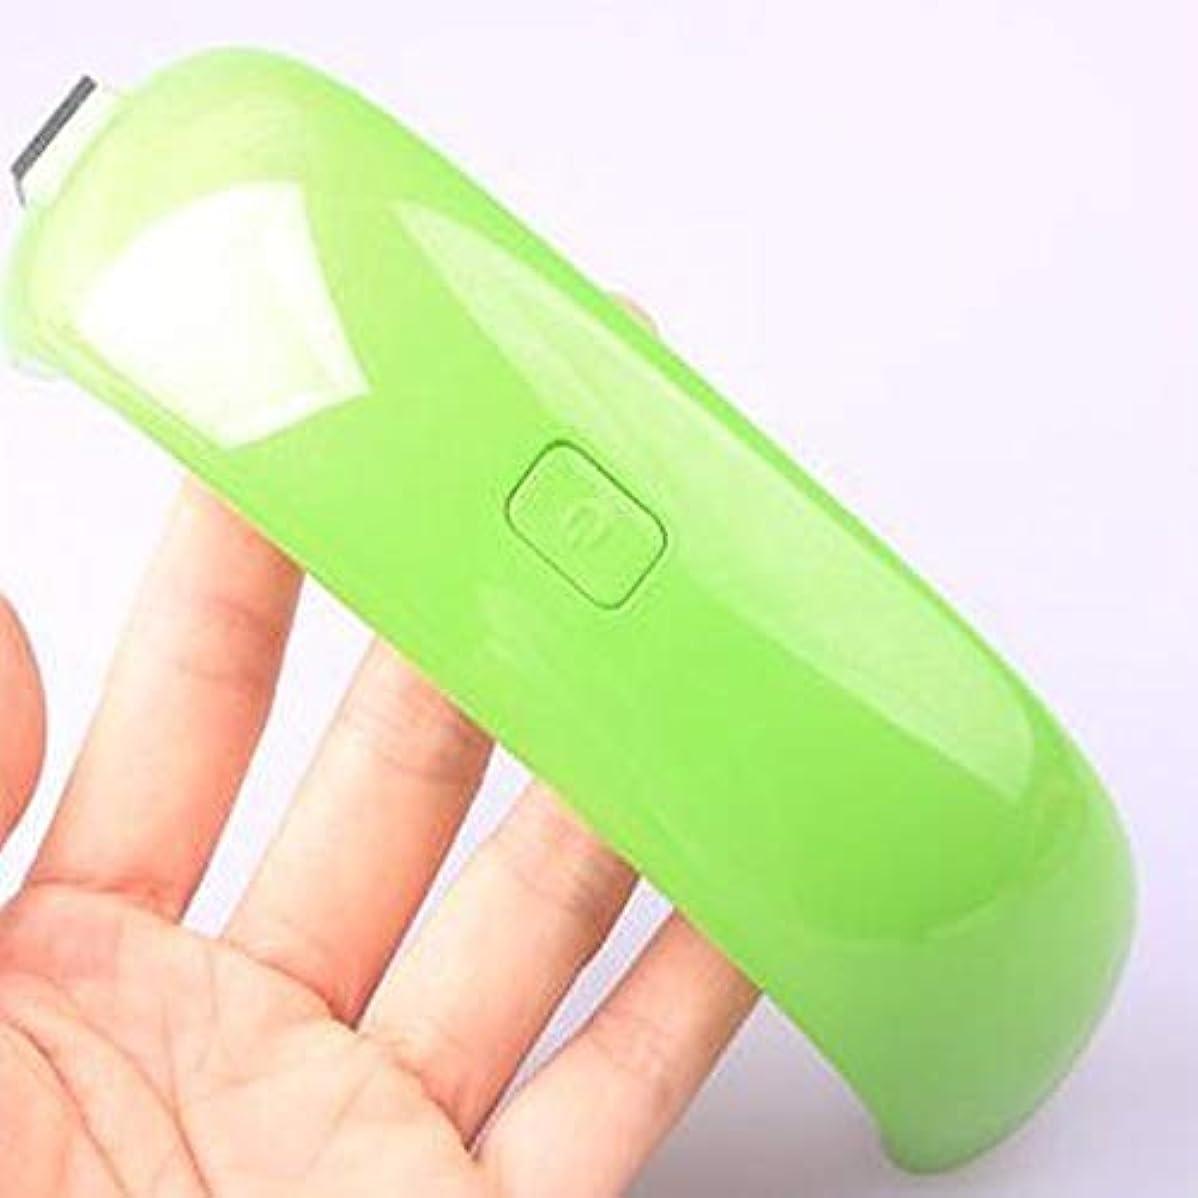 アリス窒素必要とするSnner ネイルドライヤー UVライト 硬化ライト LED UVとLEDダブルライト タイマー設定可能 ジェルネイル用 USB式 手足とも使える 赤外線人感センサー (グリーン)